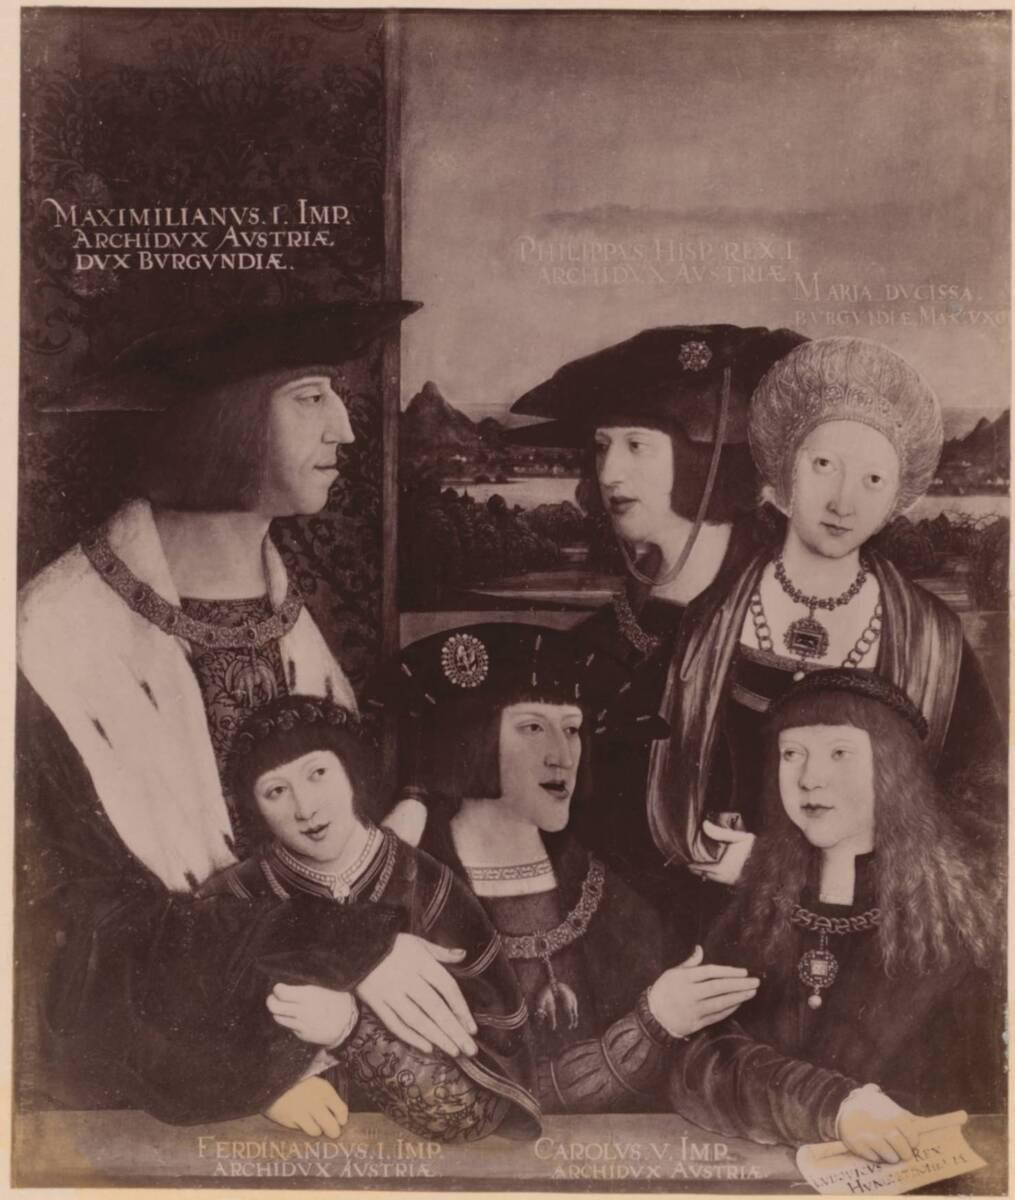 Fotografie der Porträtmalerei des Kaisers Maximilian I. und seiner Familie, von Bernhard Strigel, im Kunsthistorischen Museum in Wien (vom Bearbeiter vergebener Titel) von Anonym